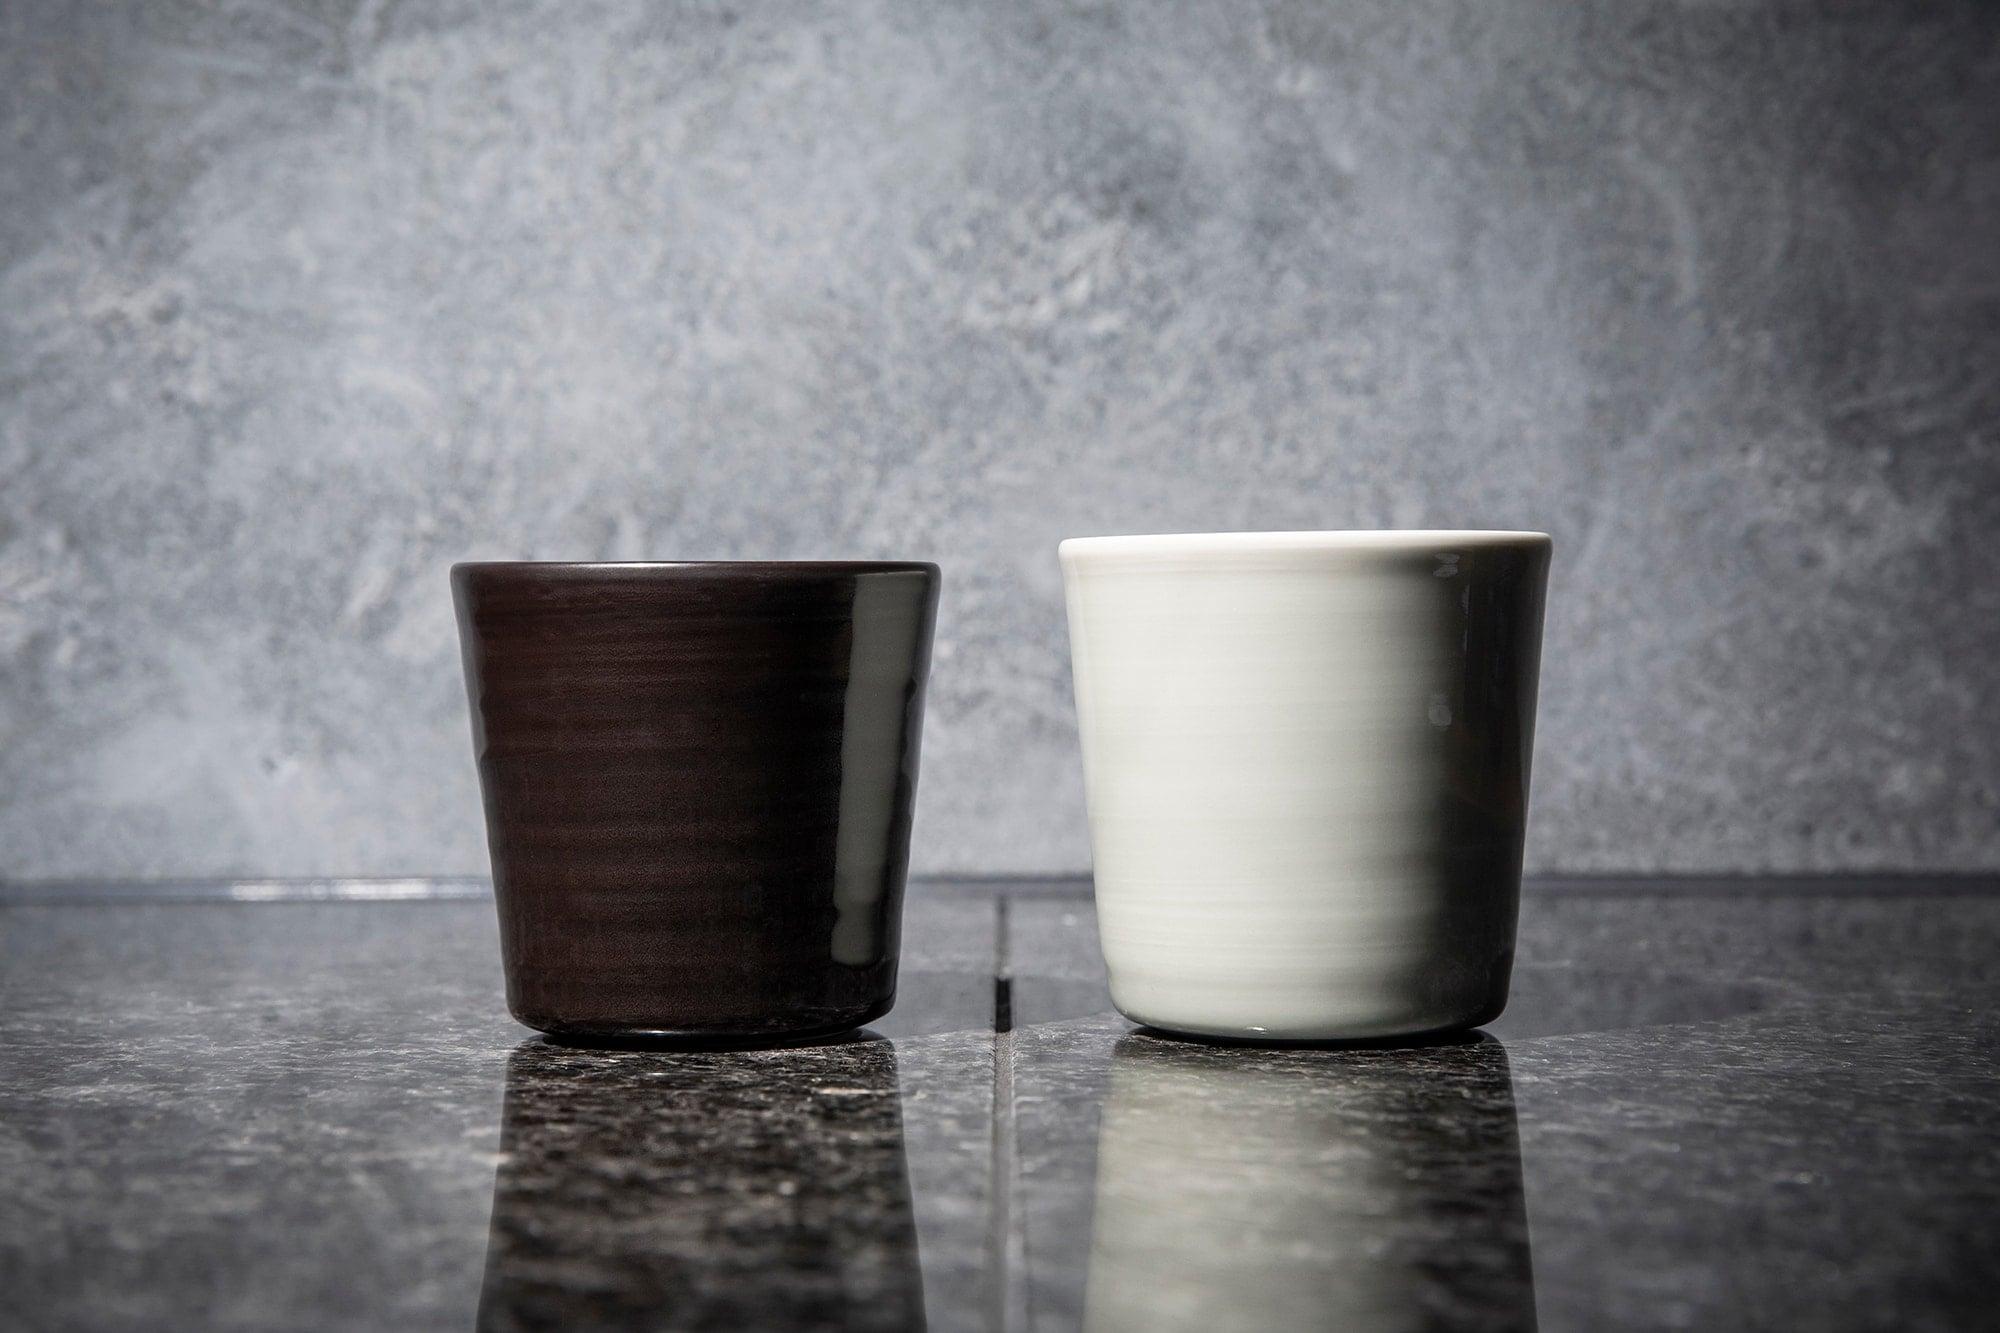 有田の香蘭社とインゲヤード・ローマンのコラボレーションによる磁器のカップ